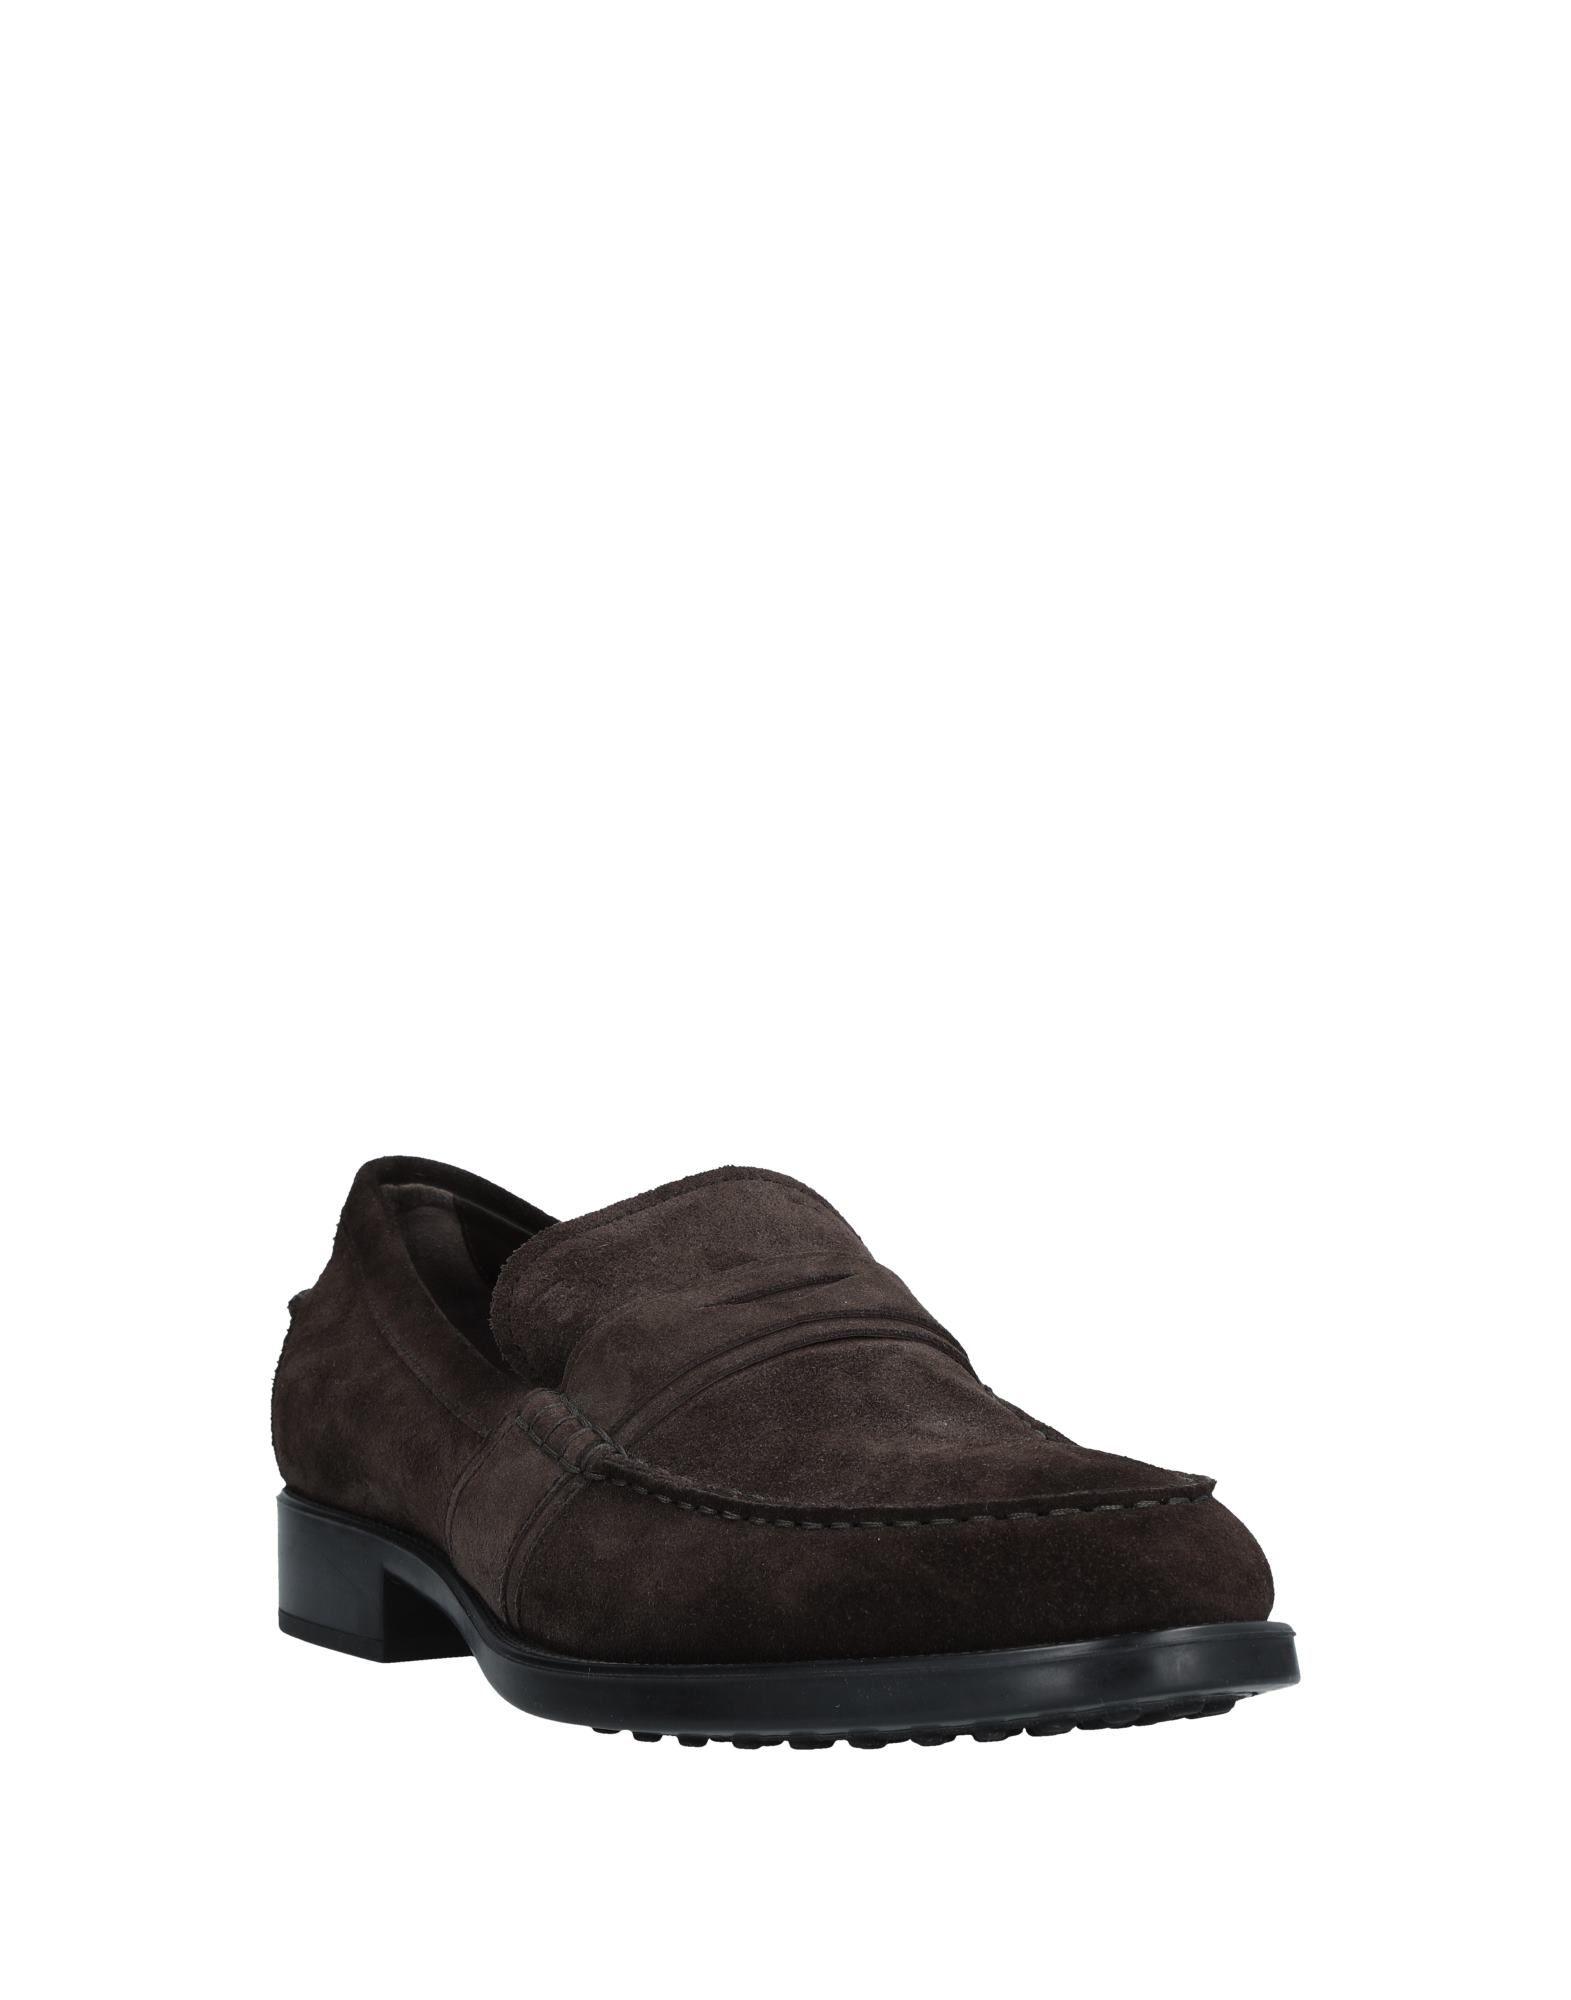 Haltbare Mode billige Schuhe Tod's Mokassins Herren Heiße  11536994BX Heiße Herren Schuhe 3519ac